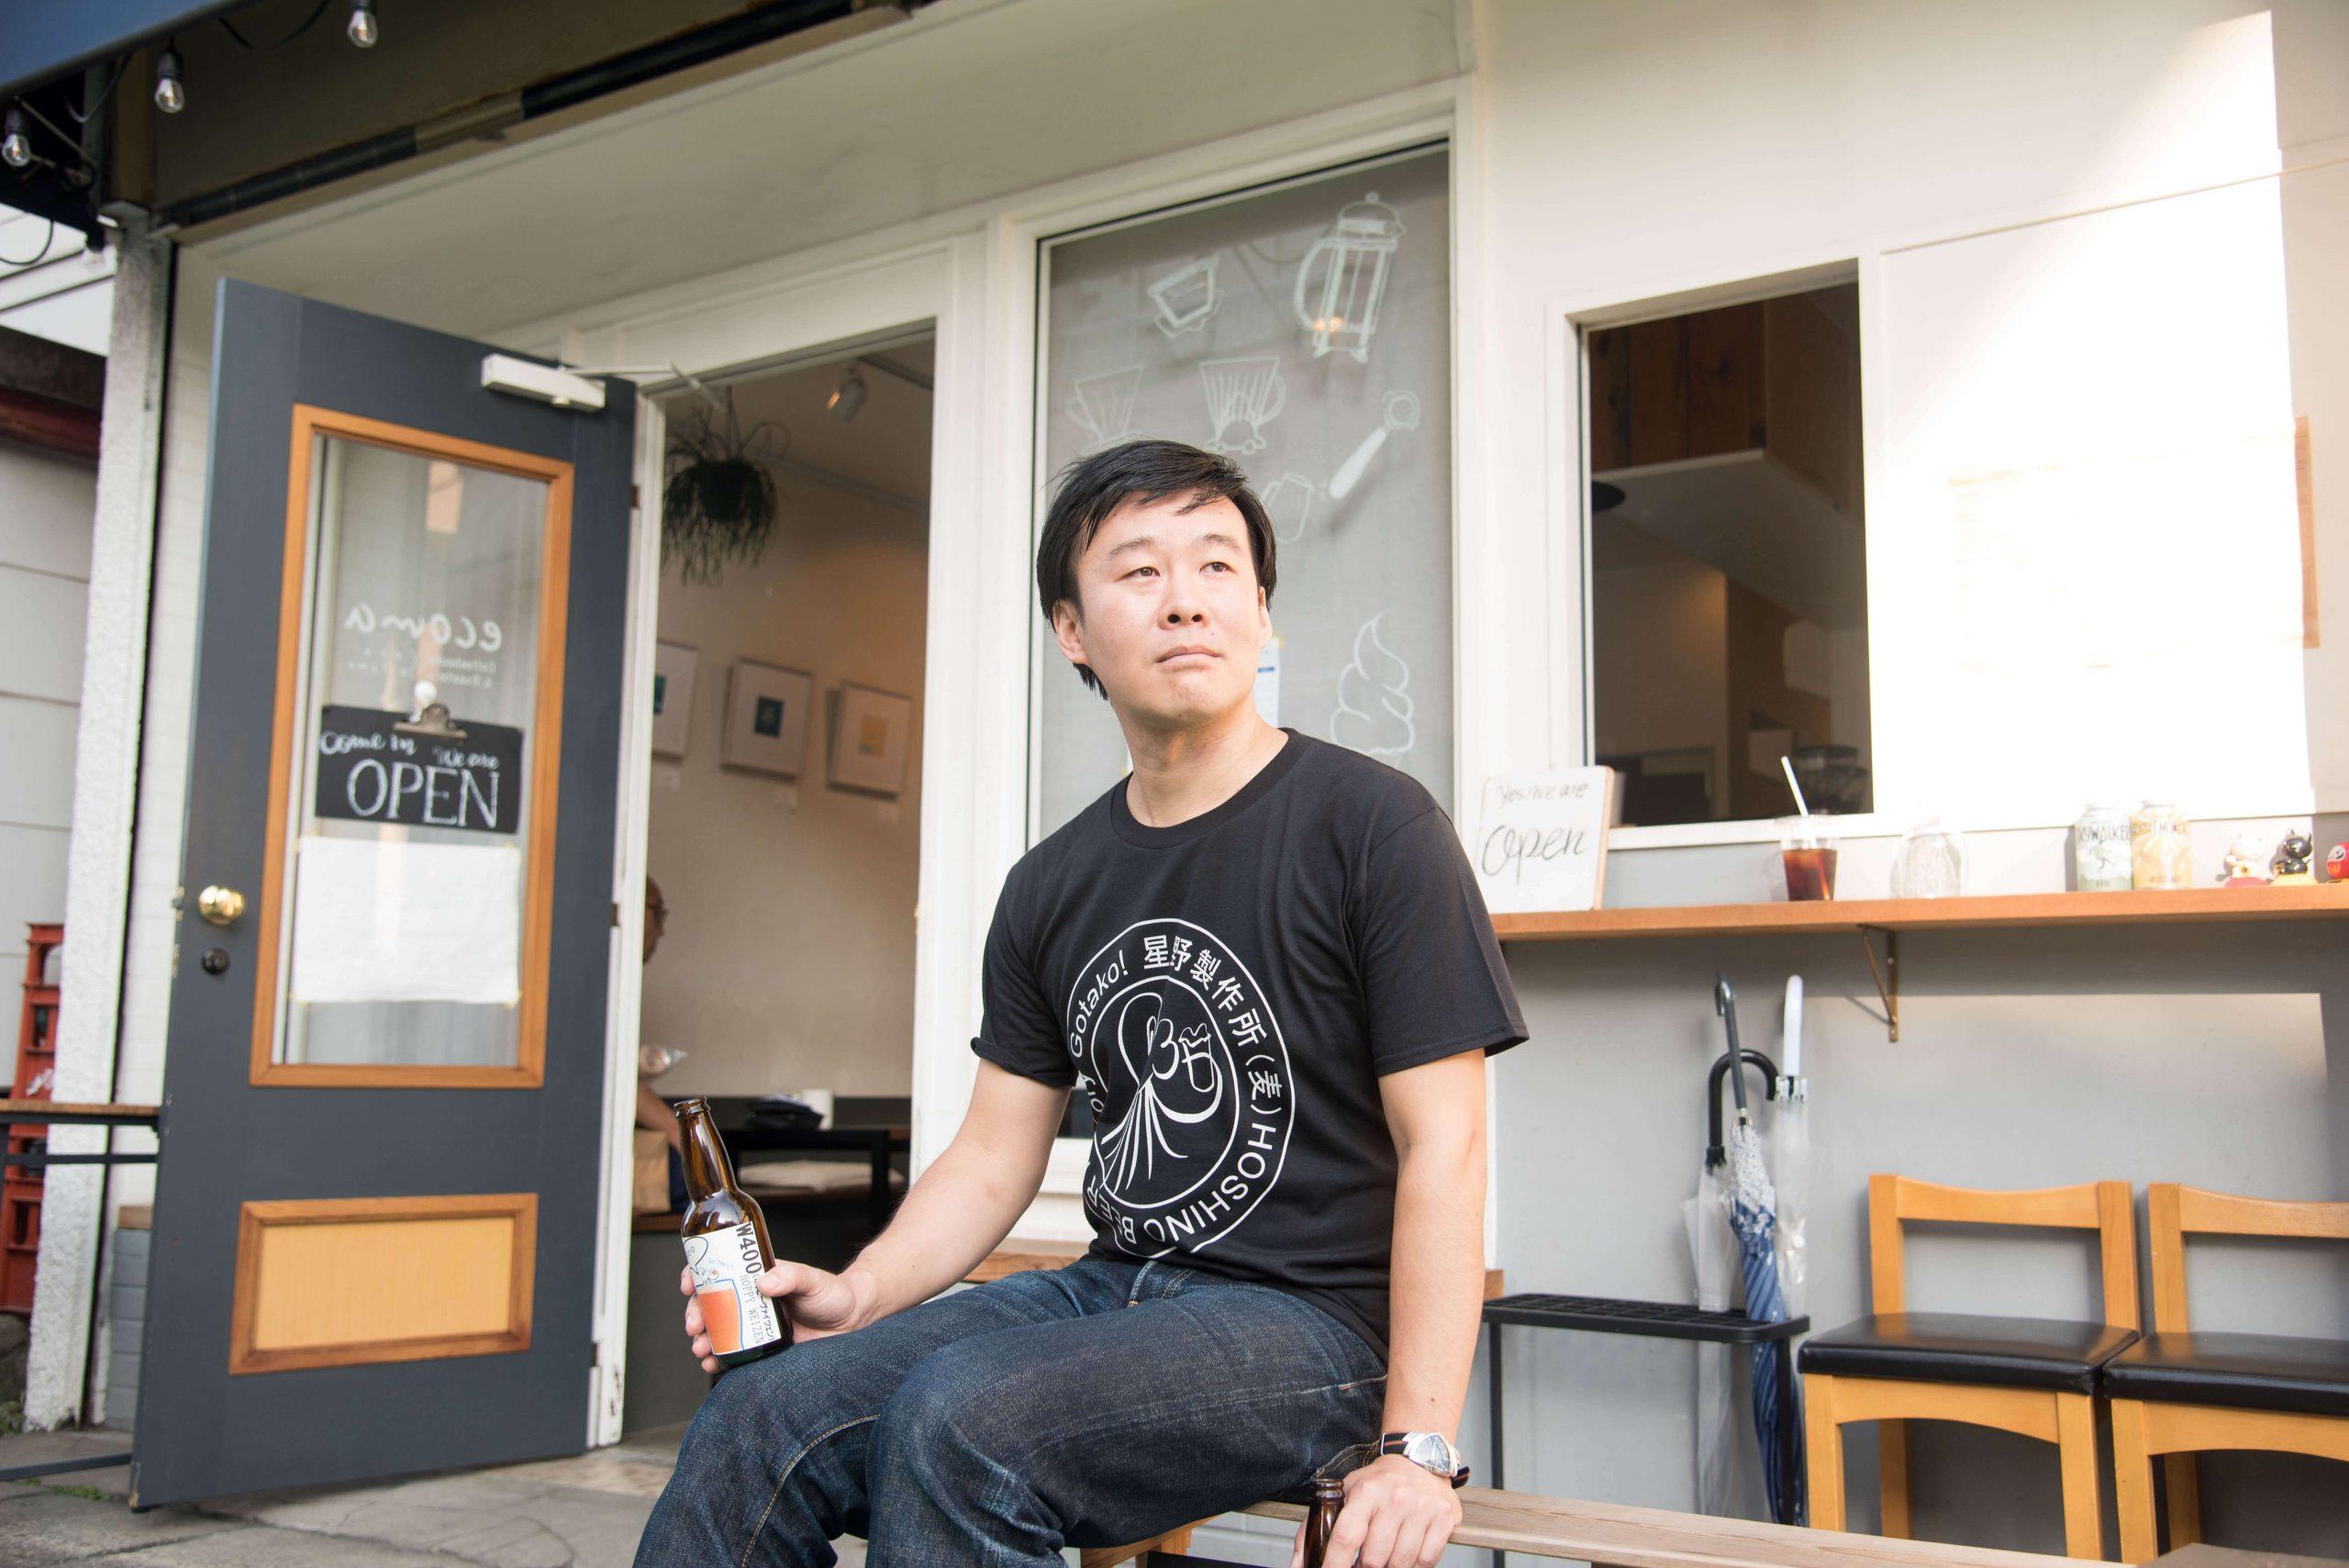 ローカルWEBメディア・地域サイト 草加ローカルストーリー 星野幸一郎さん 星野製作所(麦)クラフトビール